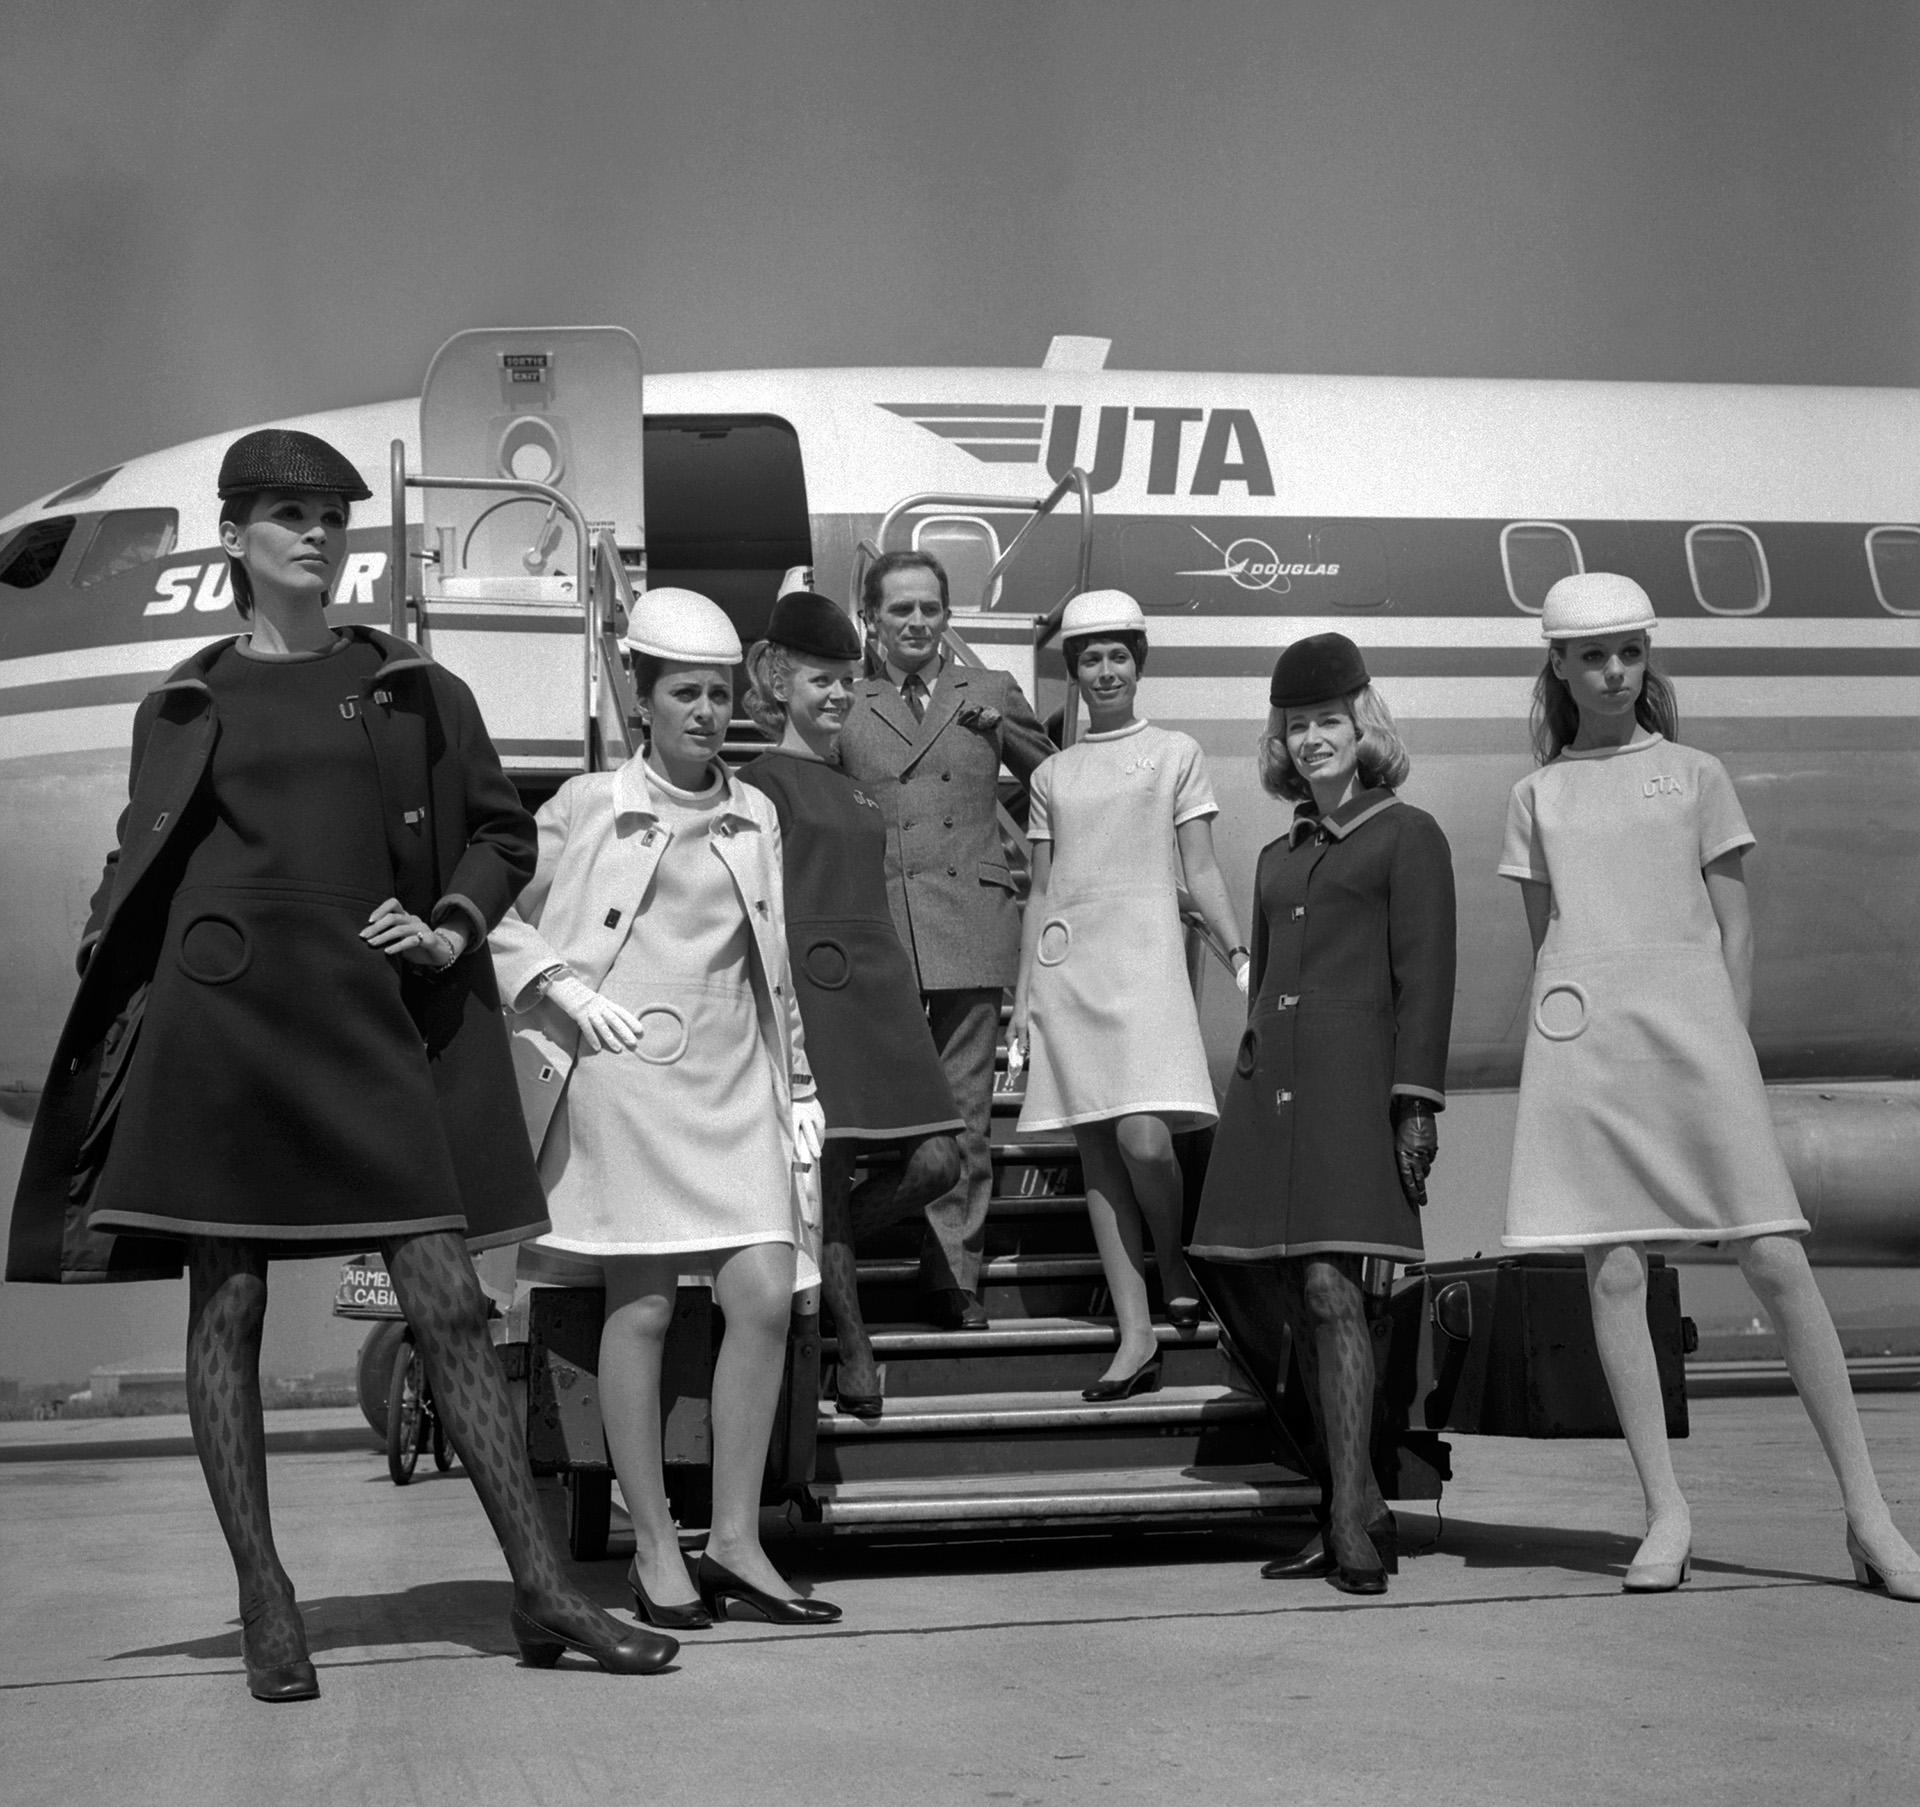 En 1968 Pierre Cardin fue el encargado de diseñar los trajes de las azafatas de UTA en el aeropuerto Le Bourget airport